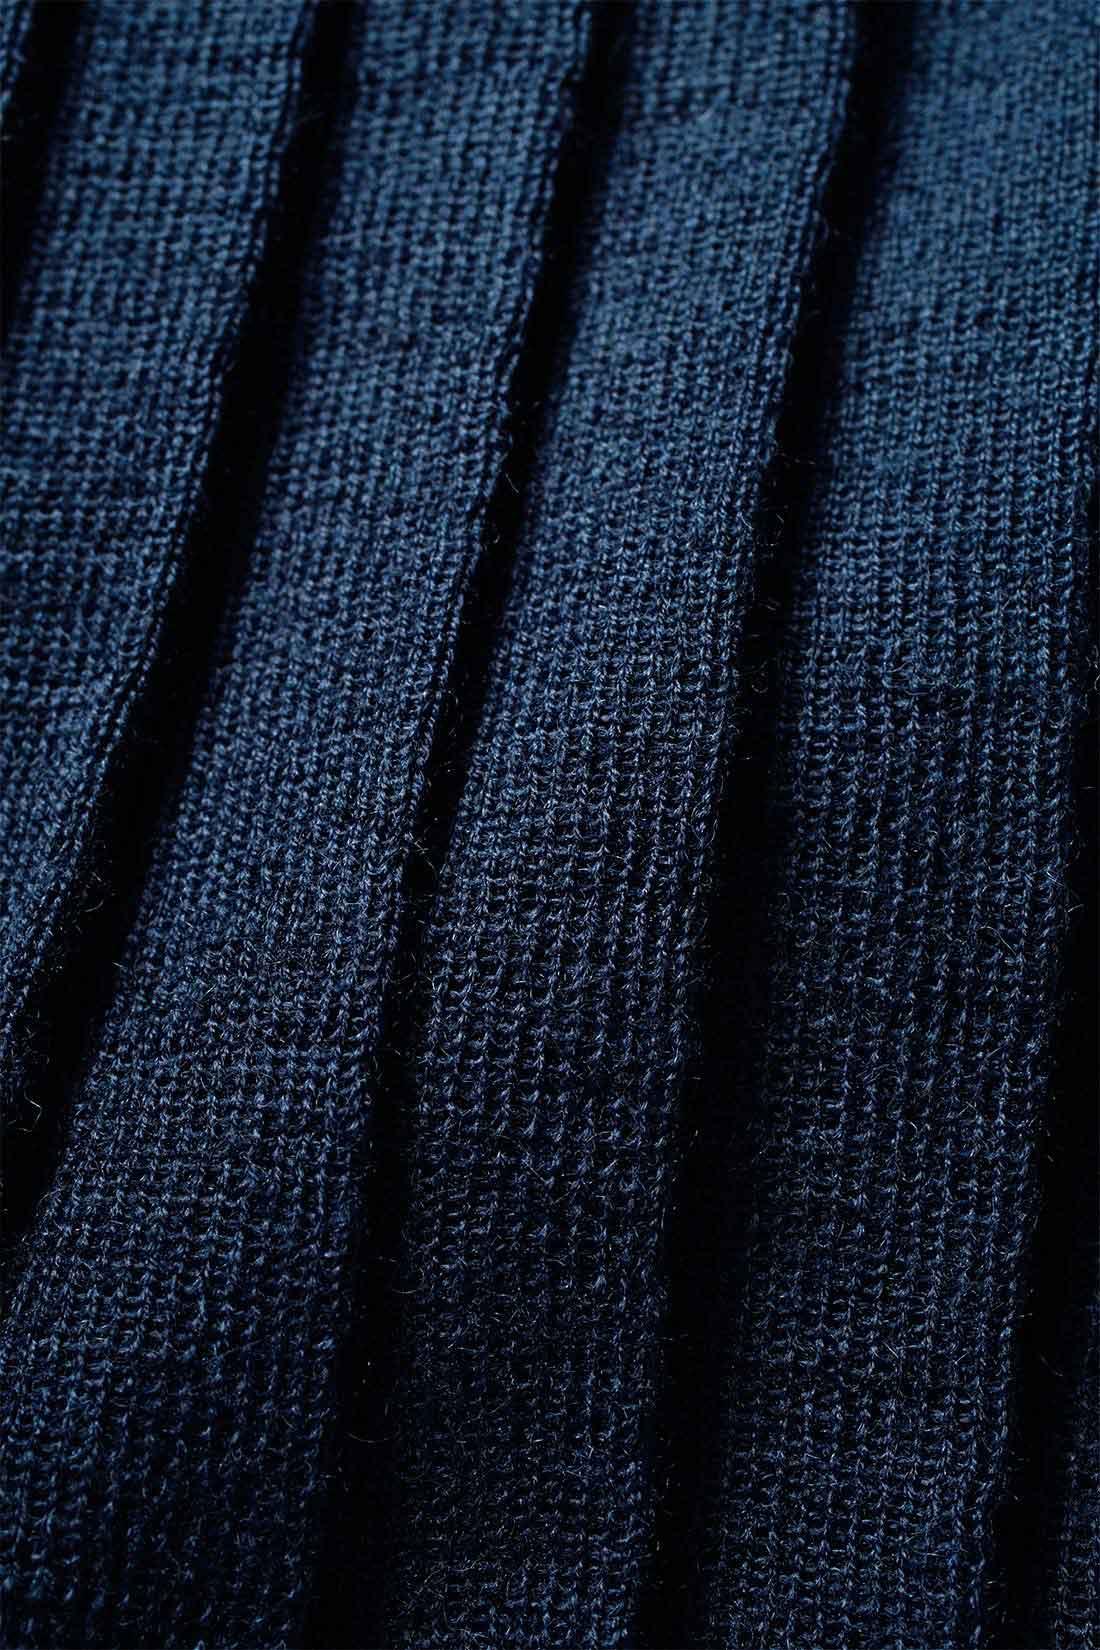 しわが気になりにくいハイゲージニット。 ウール混素材なので暖かく、編み地の切り替えで作ったハイゲージのニットプリーツはしわが気になりにくいのもうれしい。 ※お届けするカラーとは異なります。